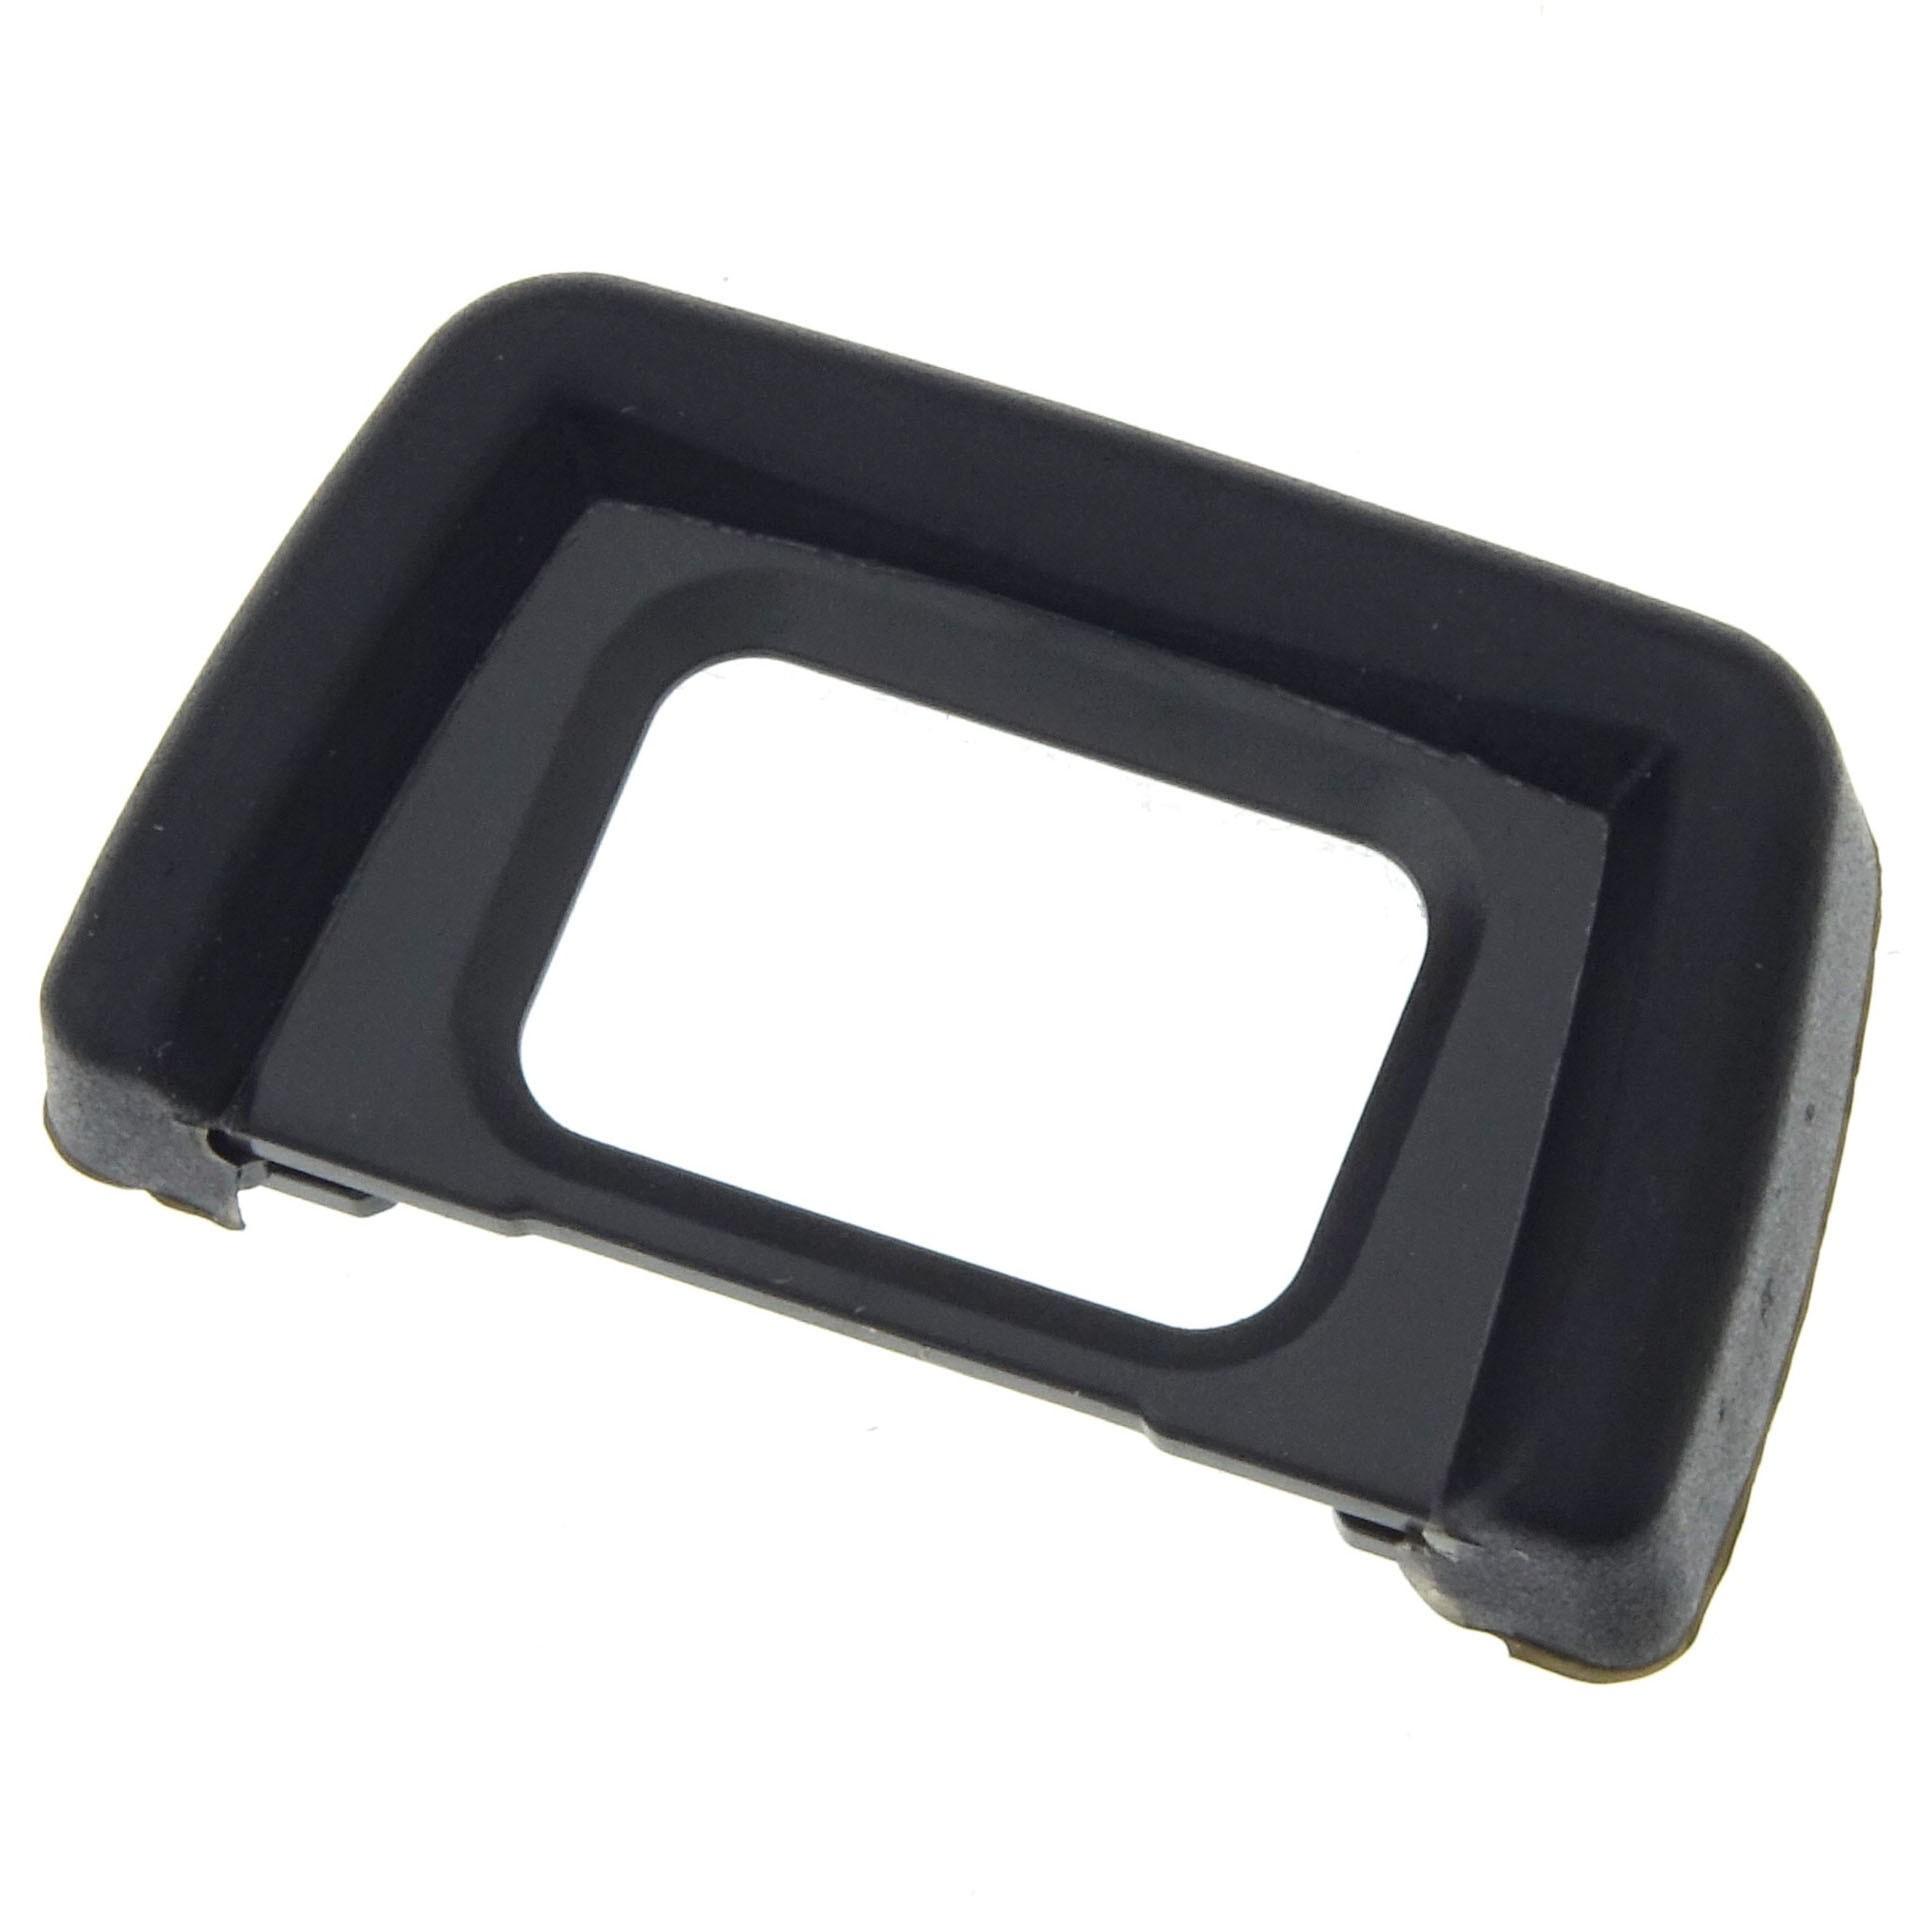 Protetor Ocular Dk-24  para Nikon D5000 D5100 D3000 D310